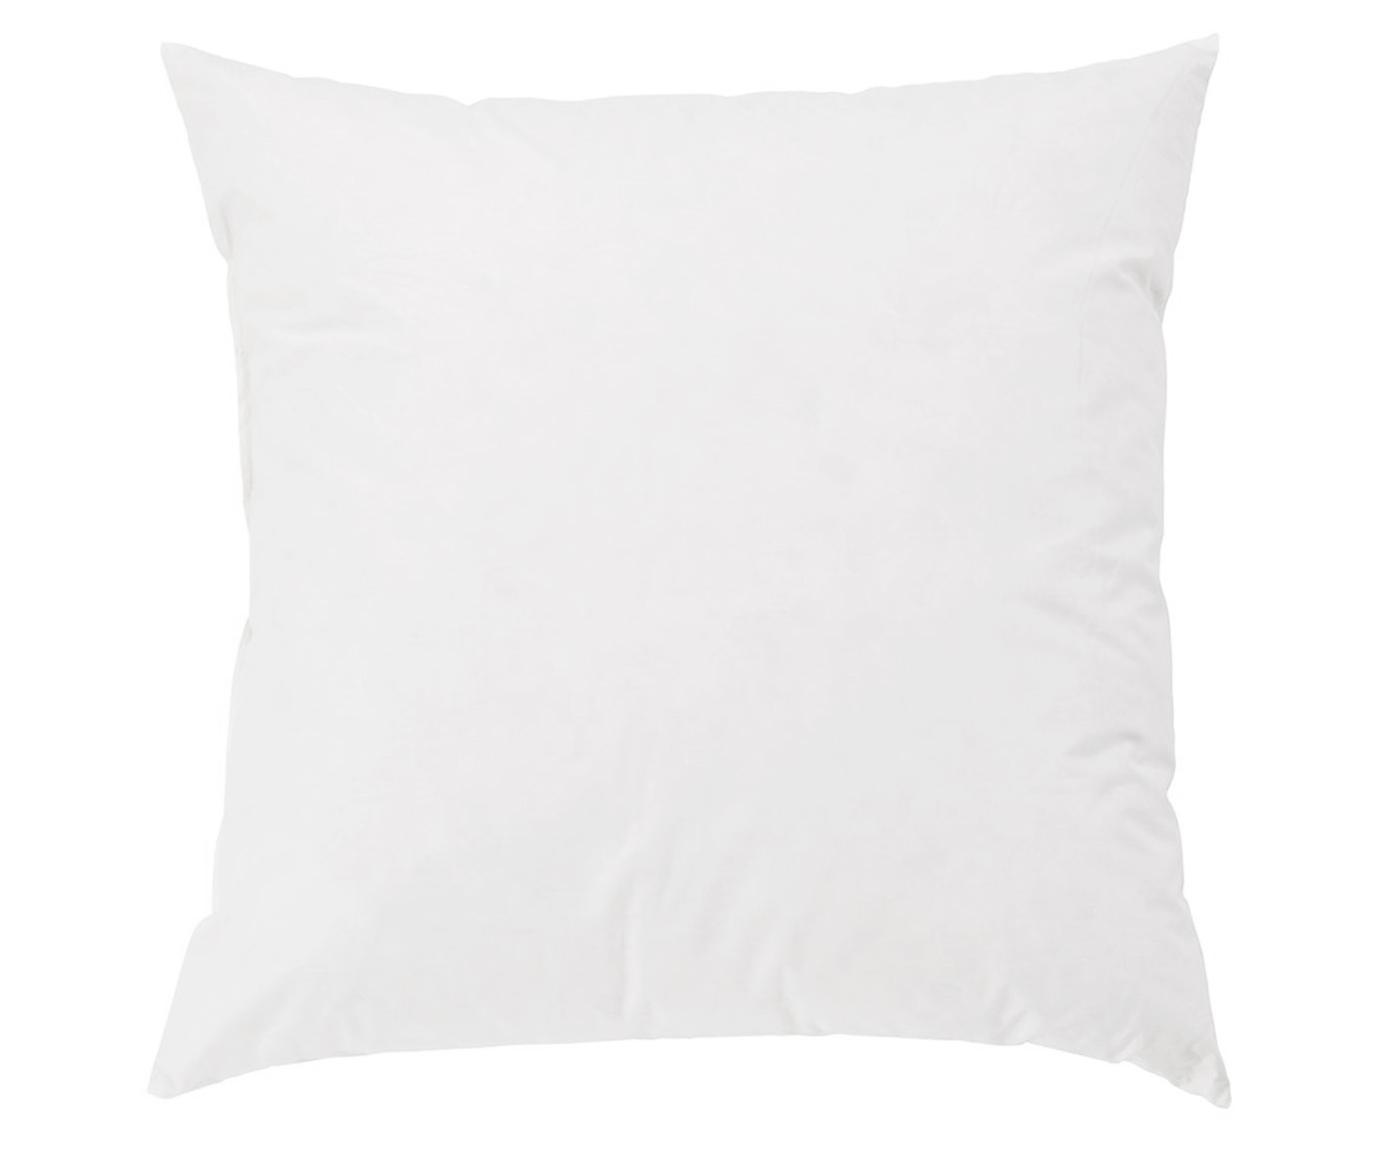 Kissen-Inlett Comfort, 45x45, Feder-Füllung, Weiß, 45 x 45 cm